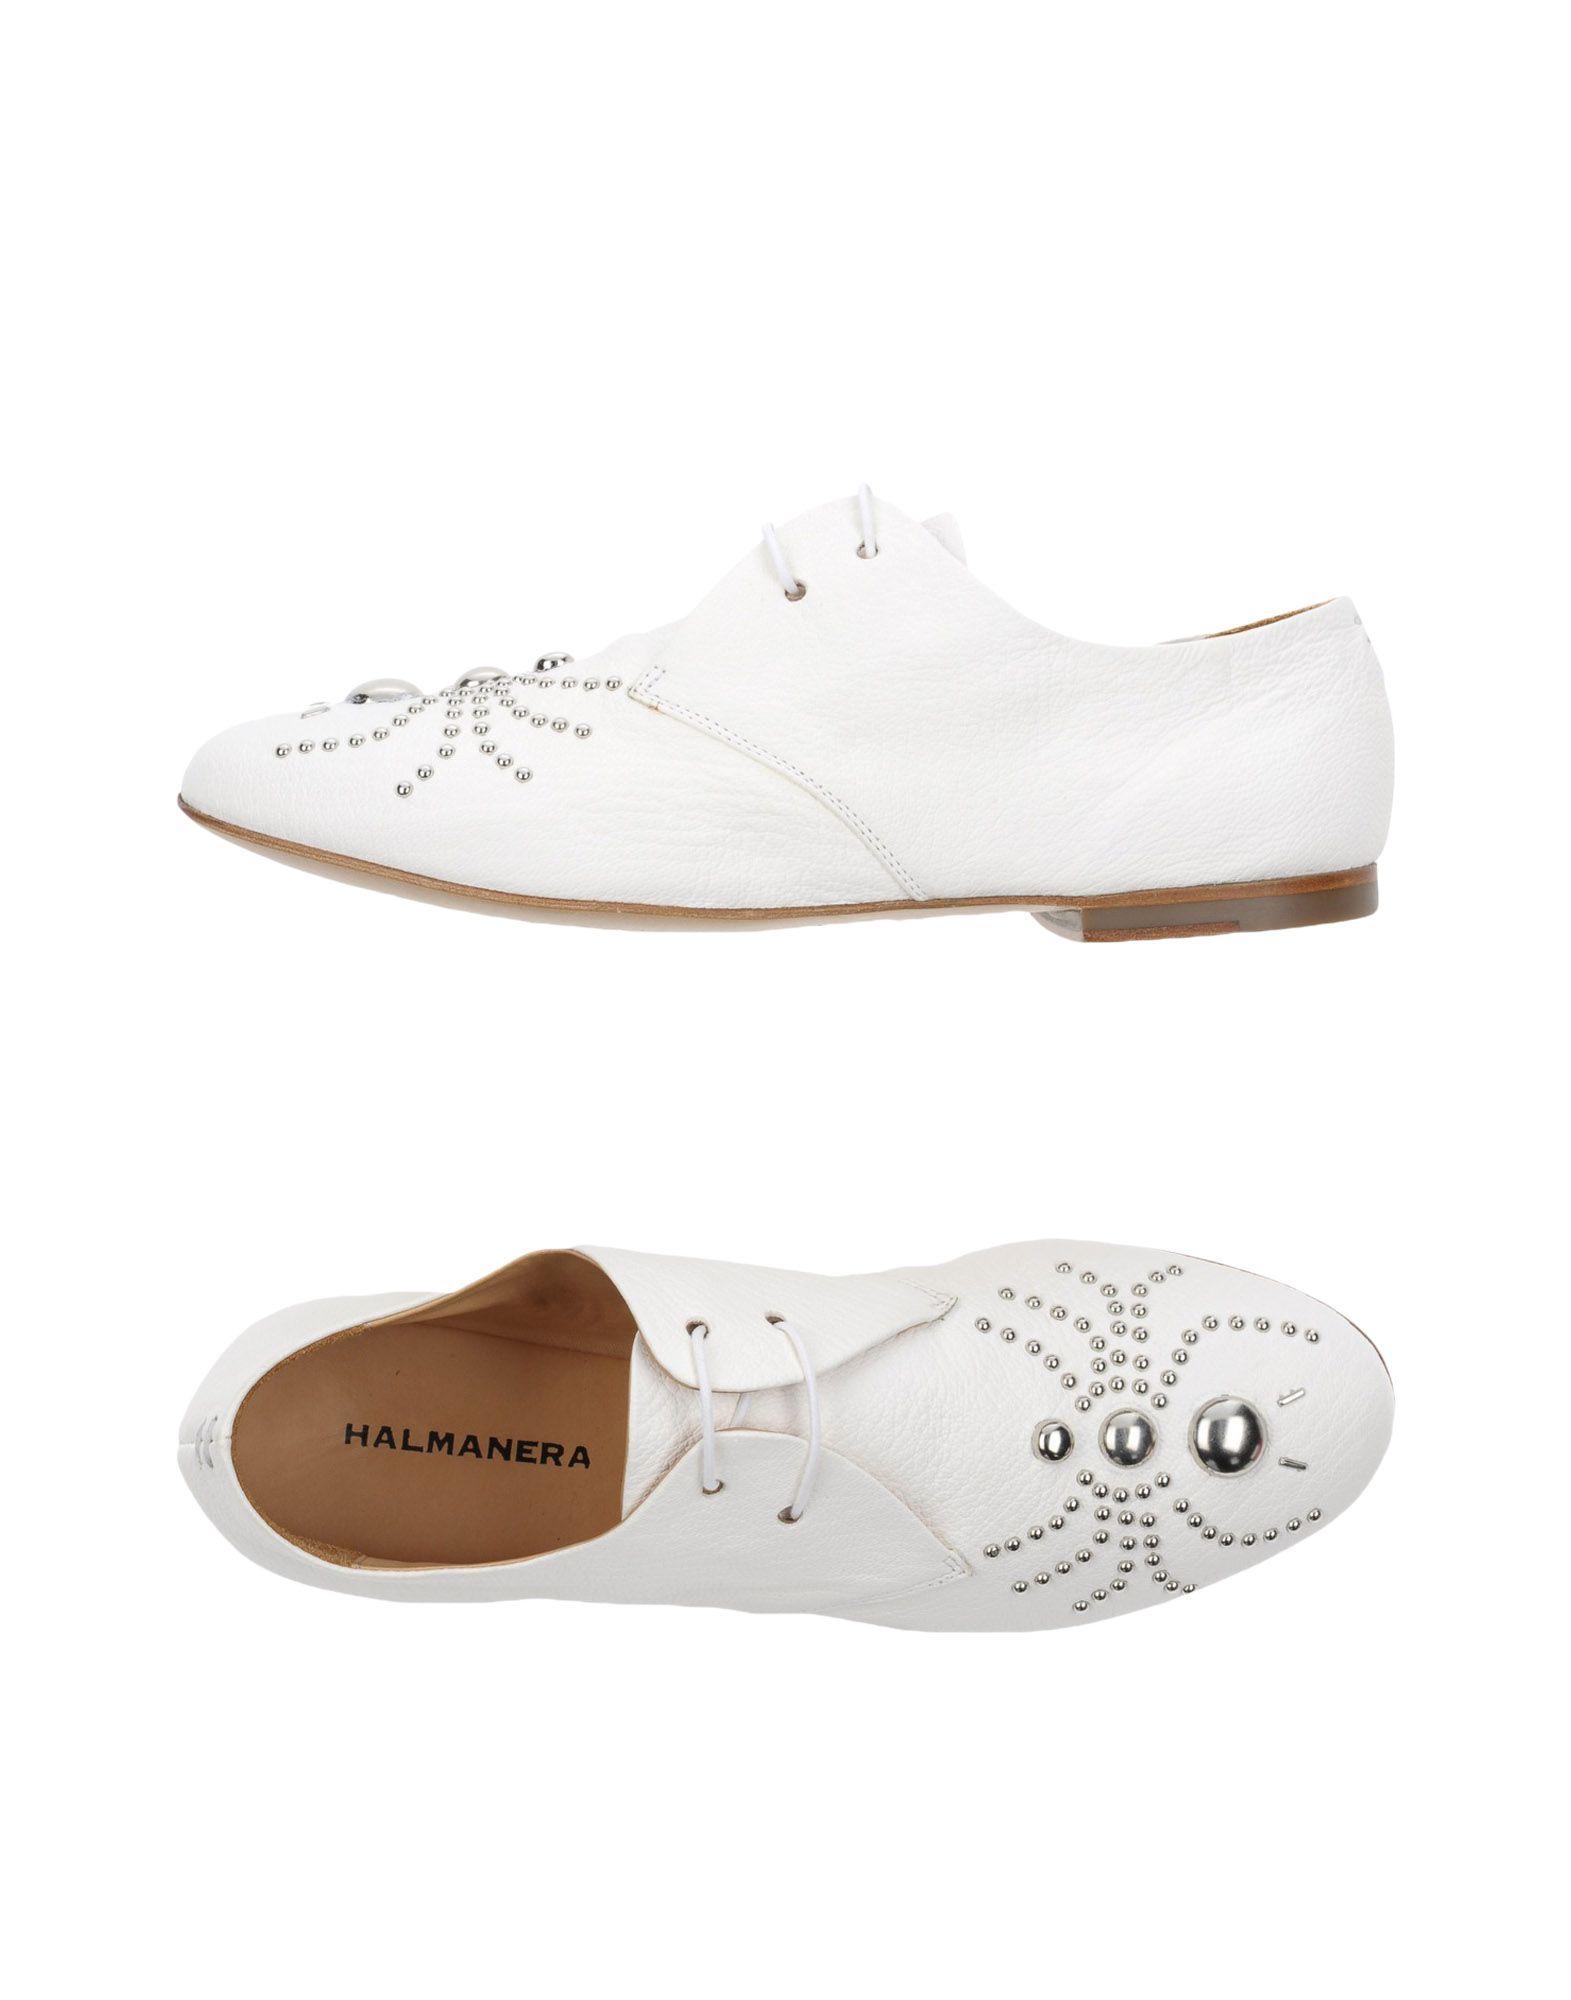 b723871e608 Chaussures À Lacets Halmanera Femme - Chaussures À Lacets Halmanera sur